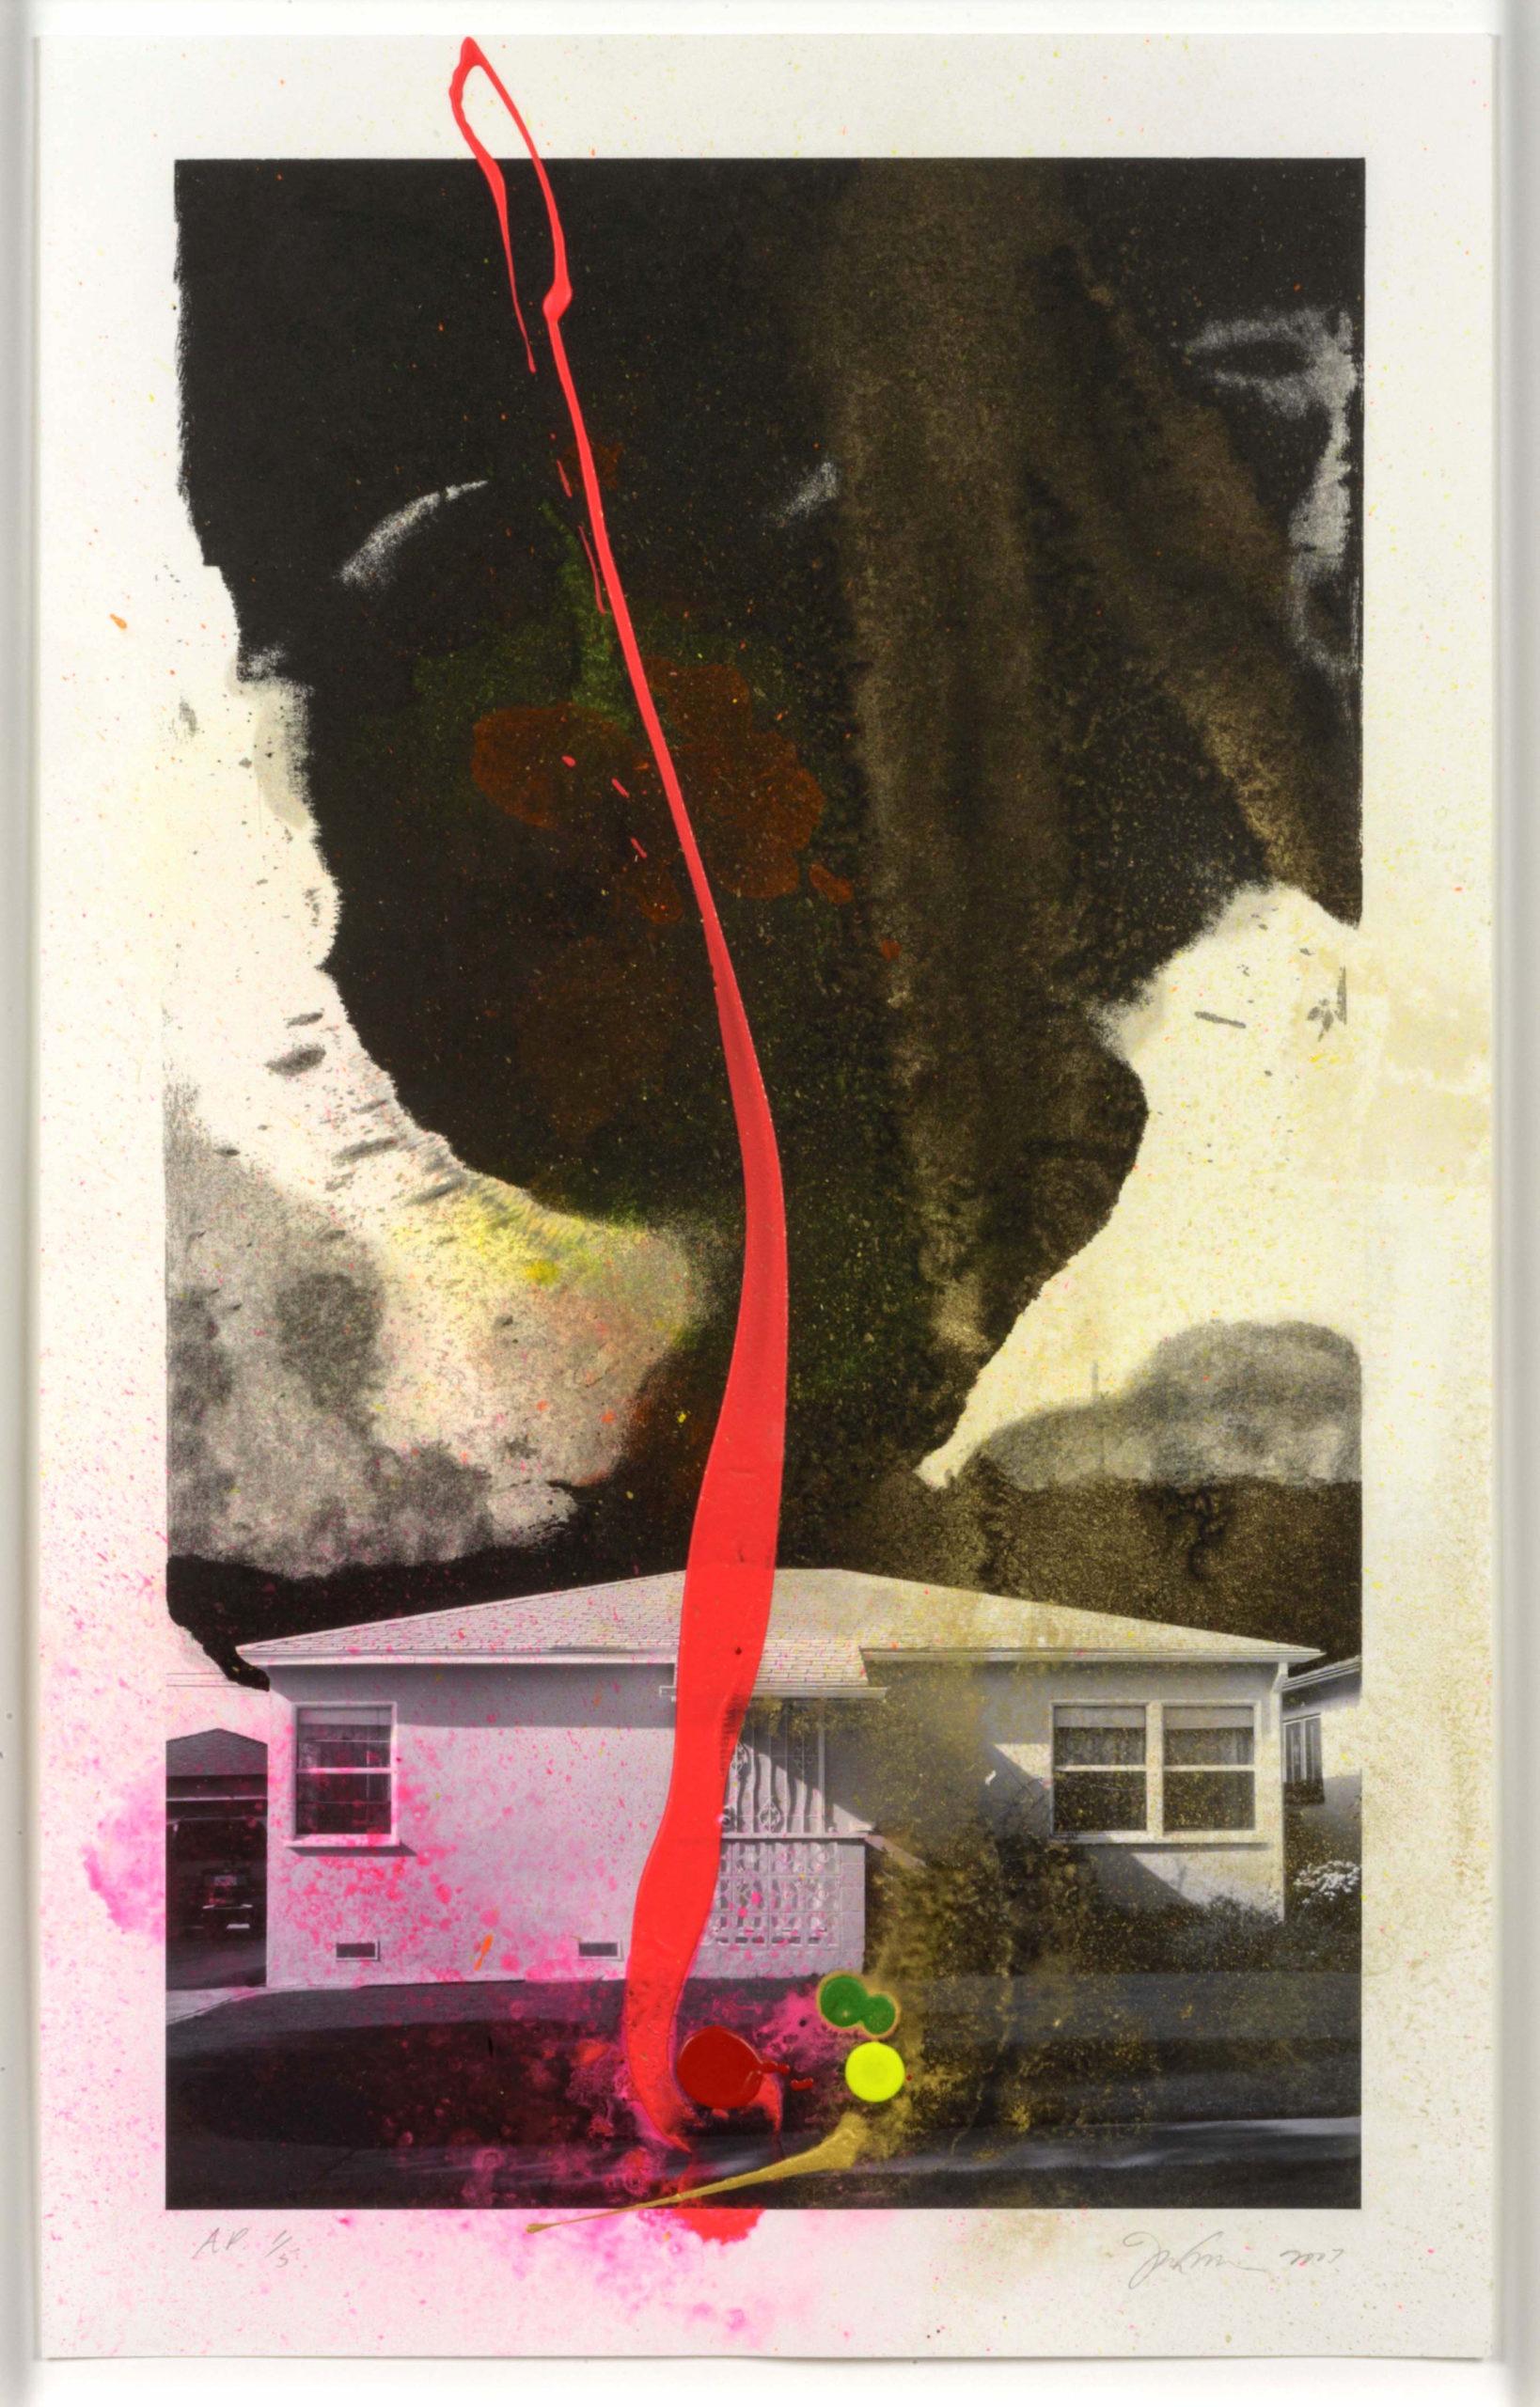 House Tornado (11521) by Joe Goode